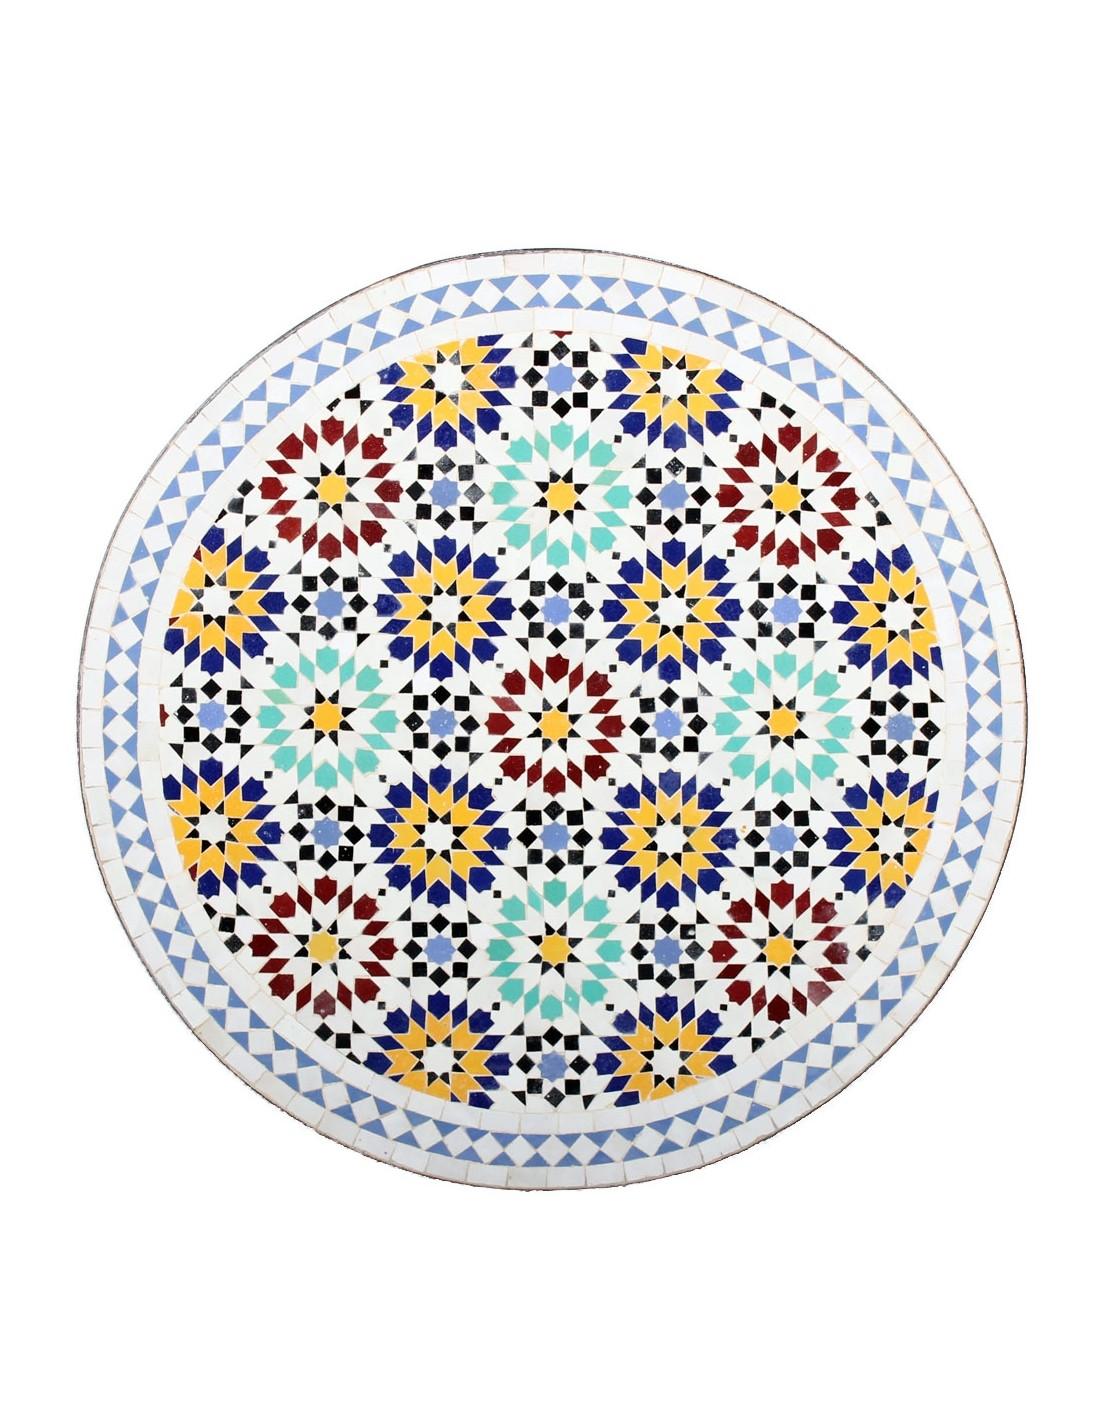 Mosaiktisch lisu 80cm rund der marke albena marokko galerie for Marokkanischer mosaiktisch